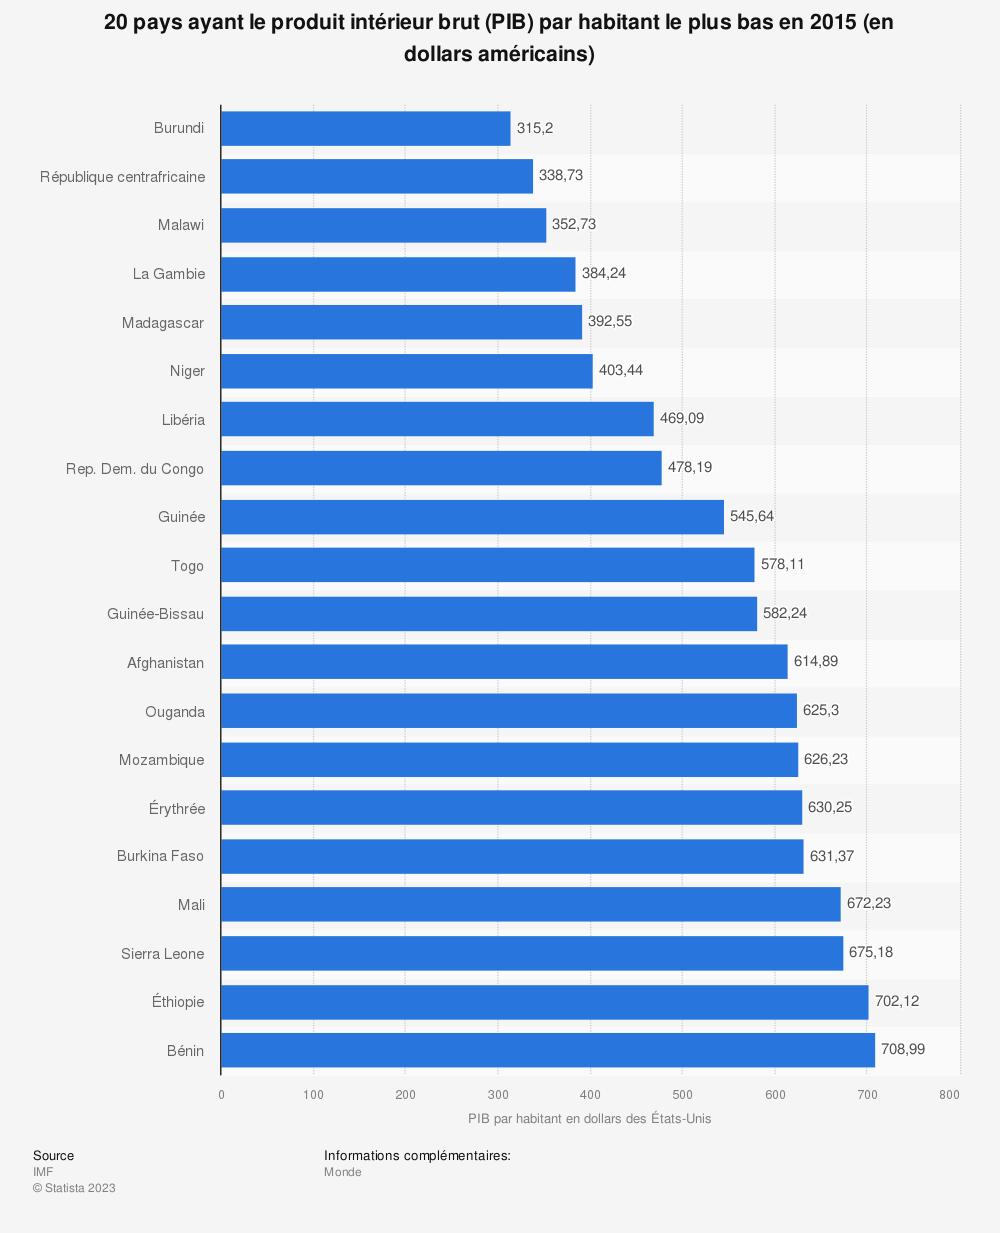 Statistique: 20 pays ayant le produit intérieur brut (PIB) par habitant le plus bas en 2015 (en dollars américains) | Statista